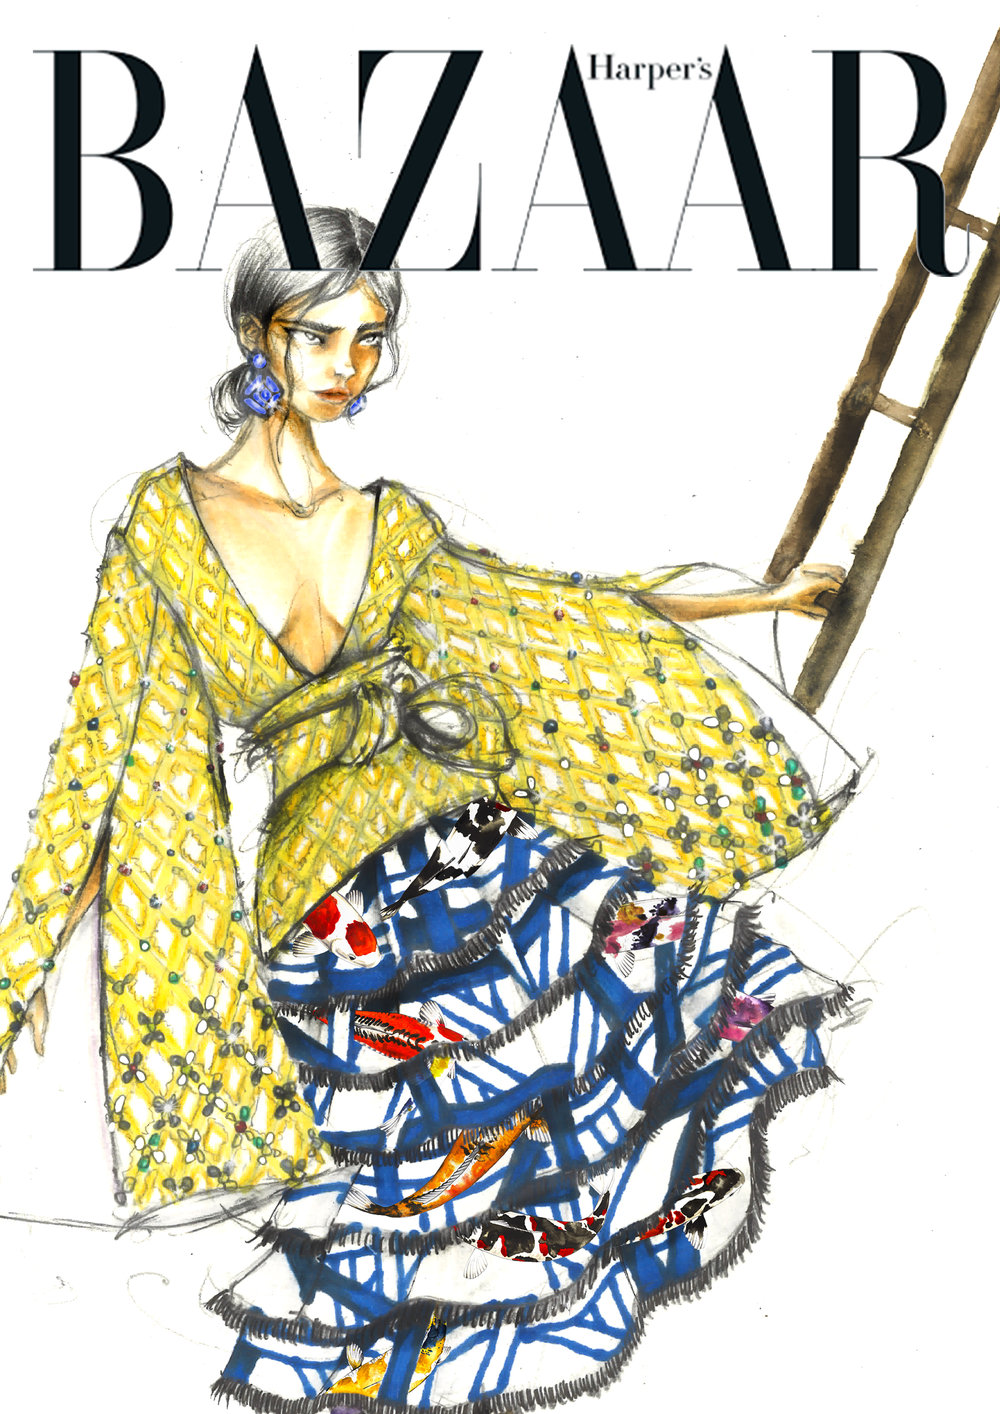 haperz bazaar cover kopie.jpg